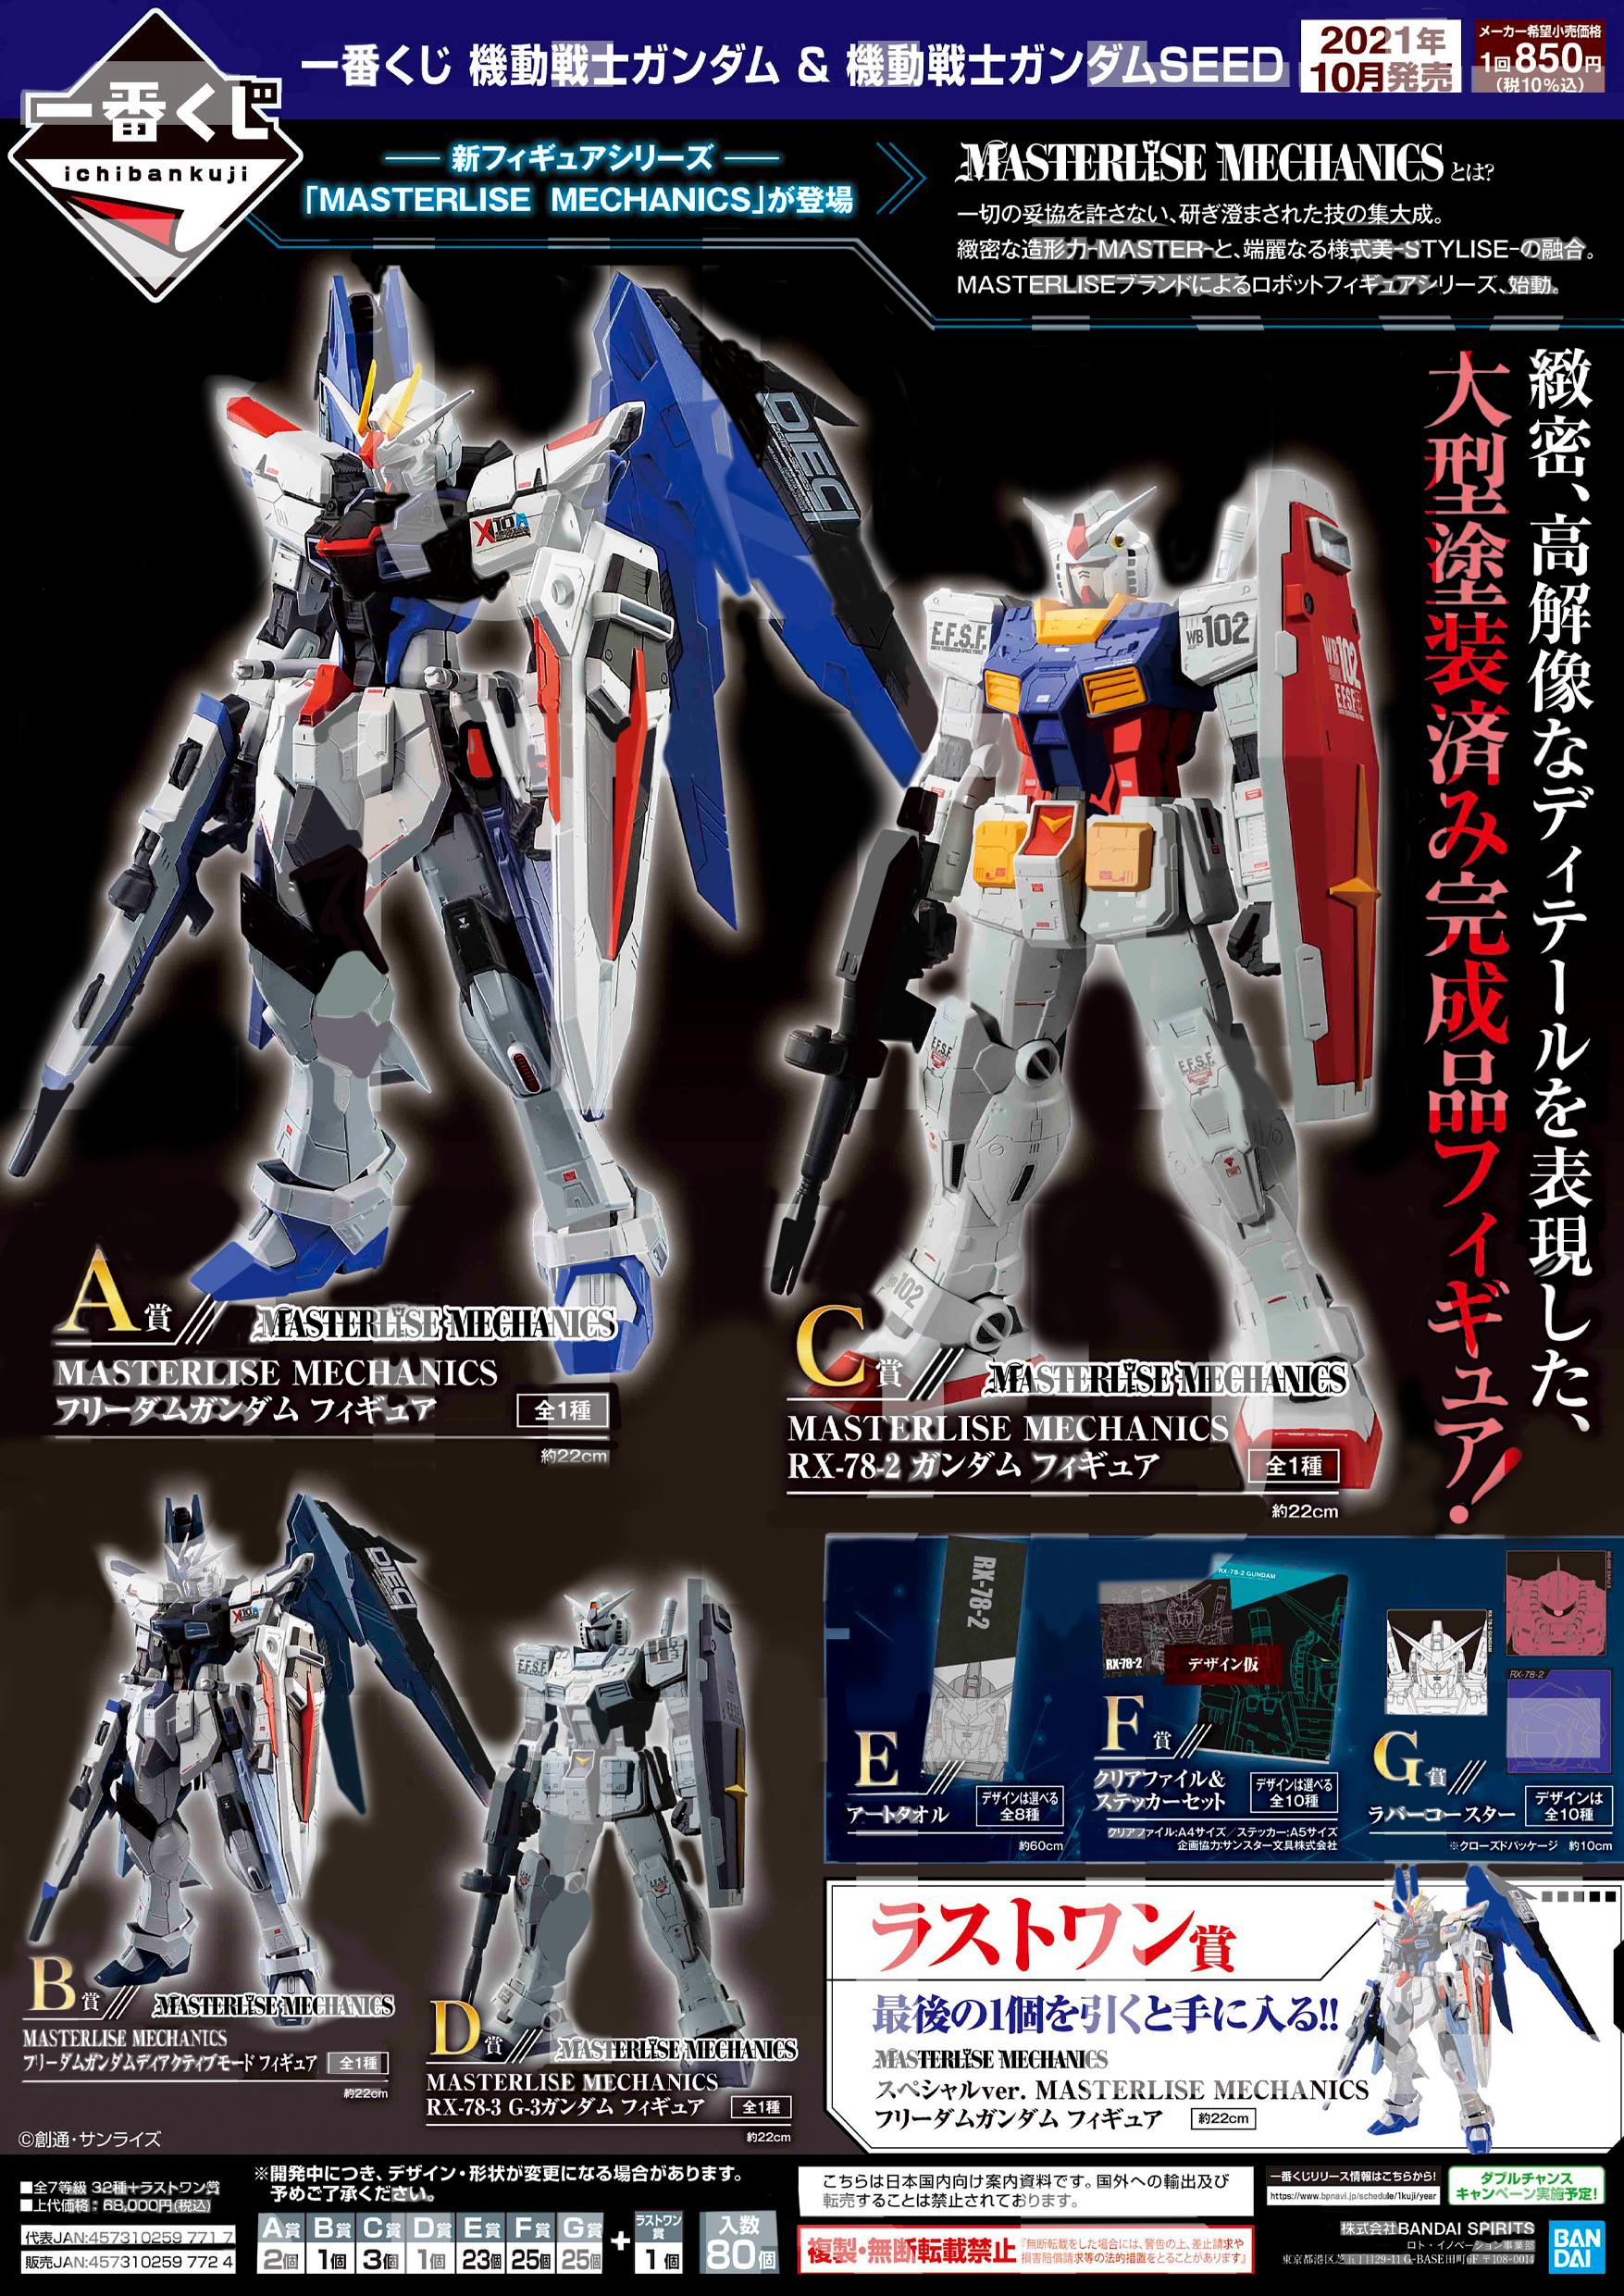 Banpresto Ichiban Kuji: Mobile Suit Gundam & Mobile Suit Gundam Seed **PRE-ORDER**